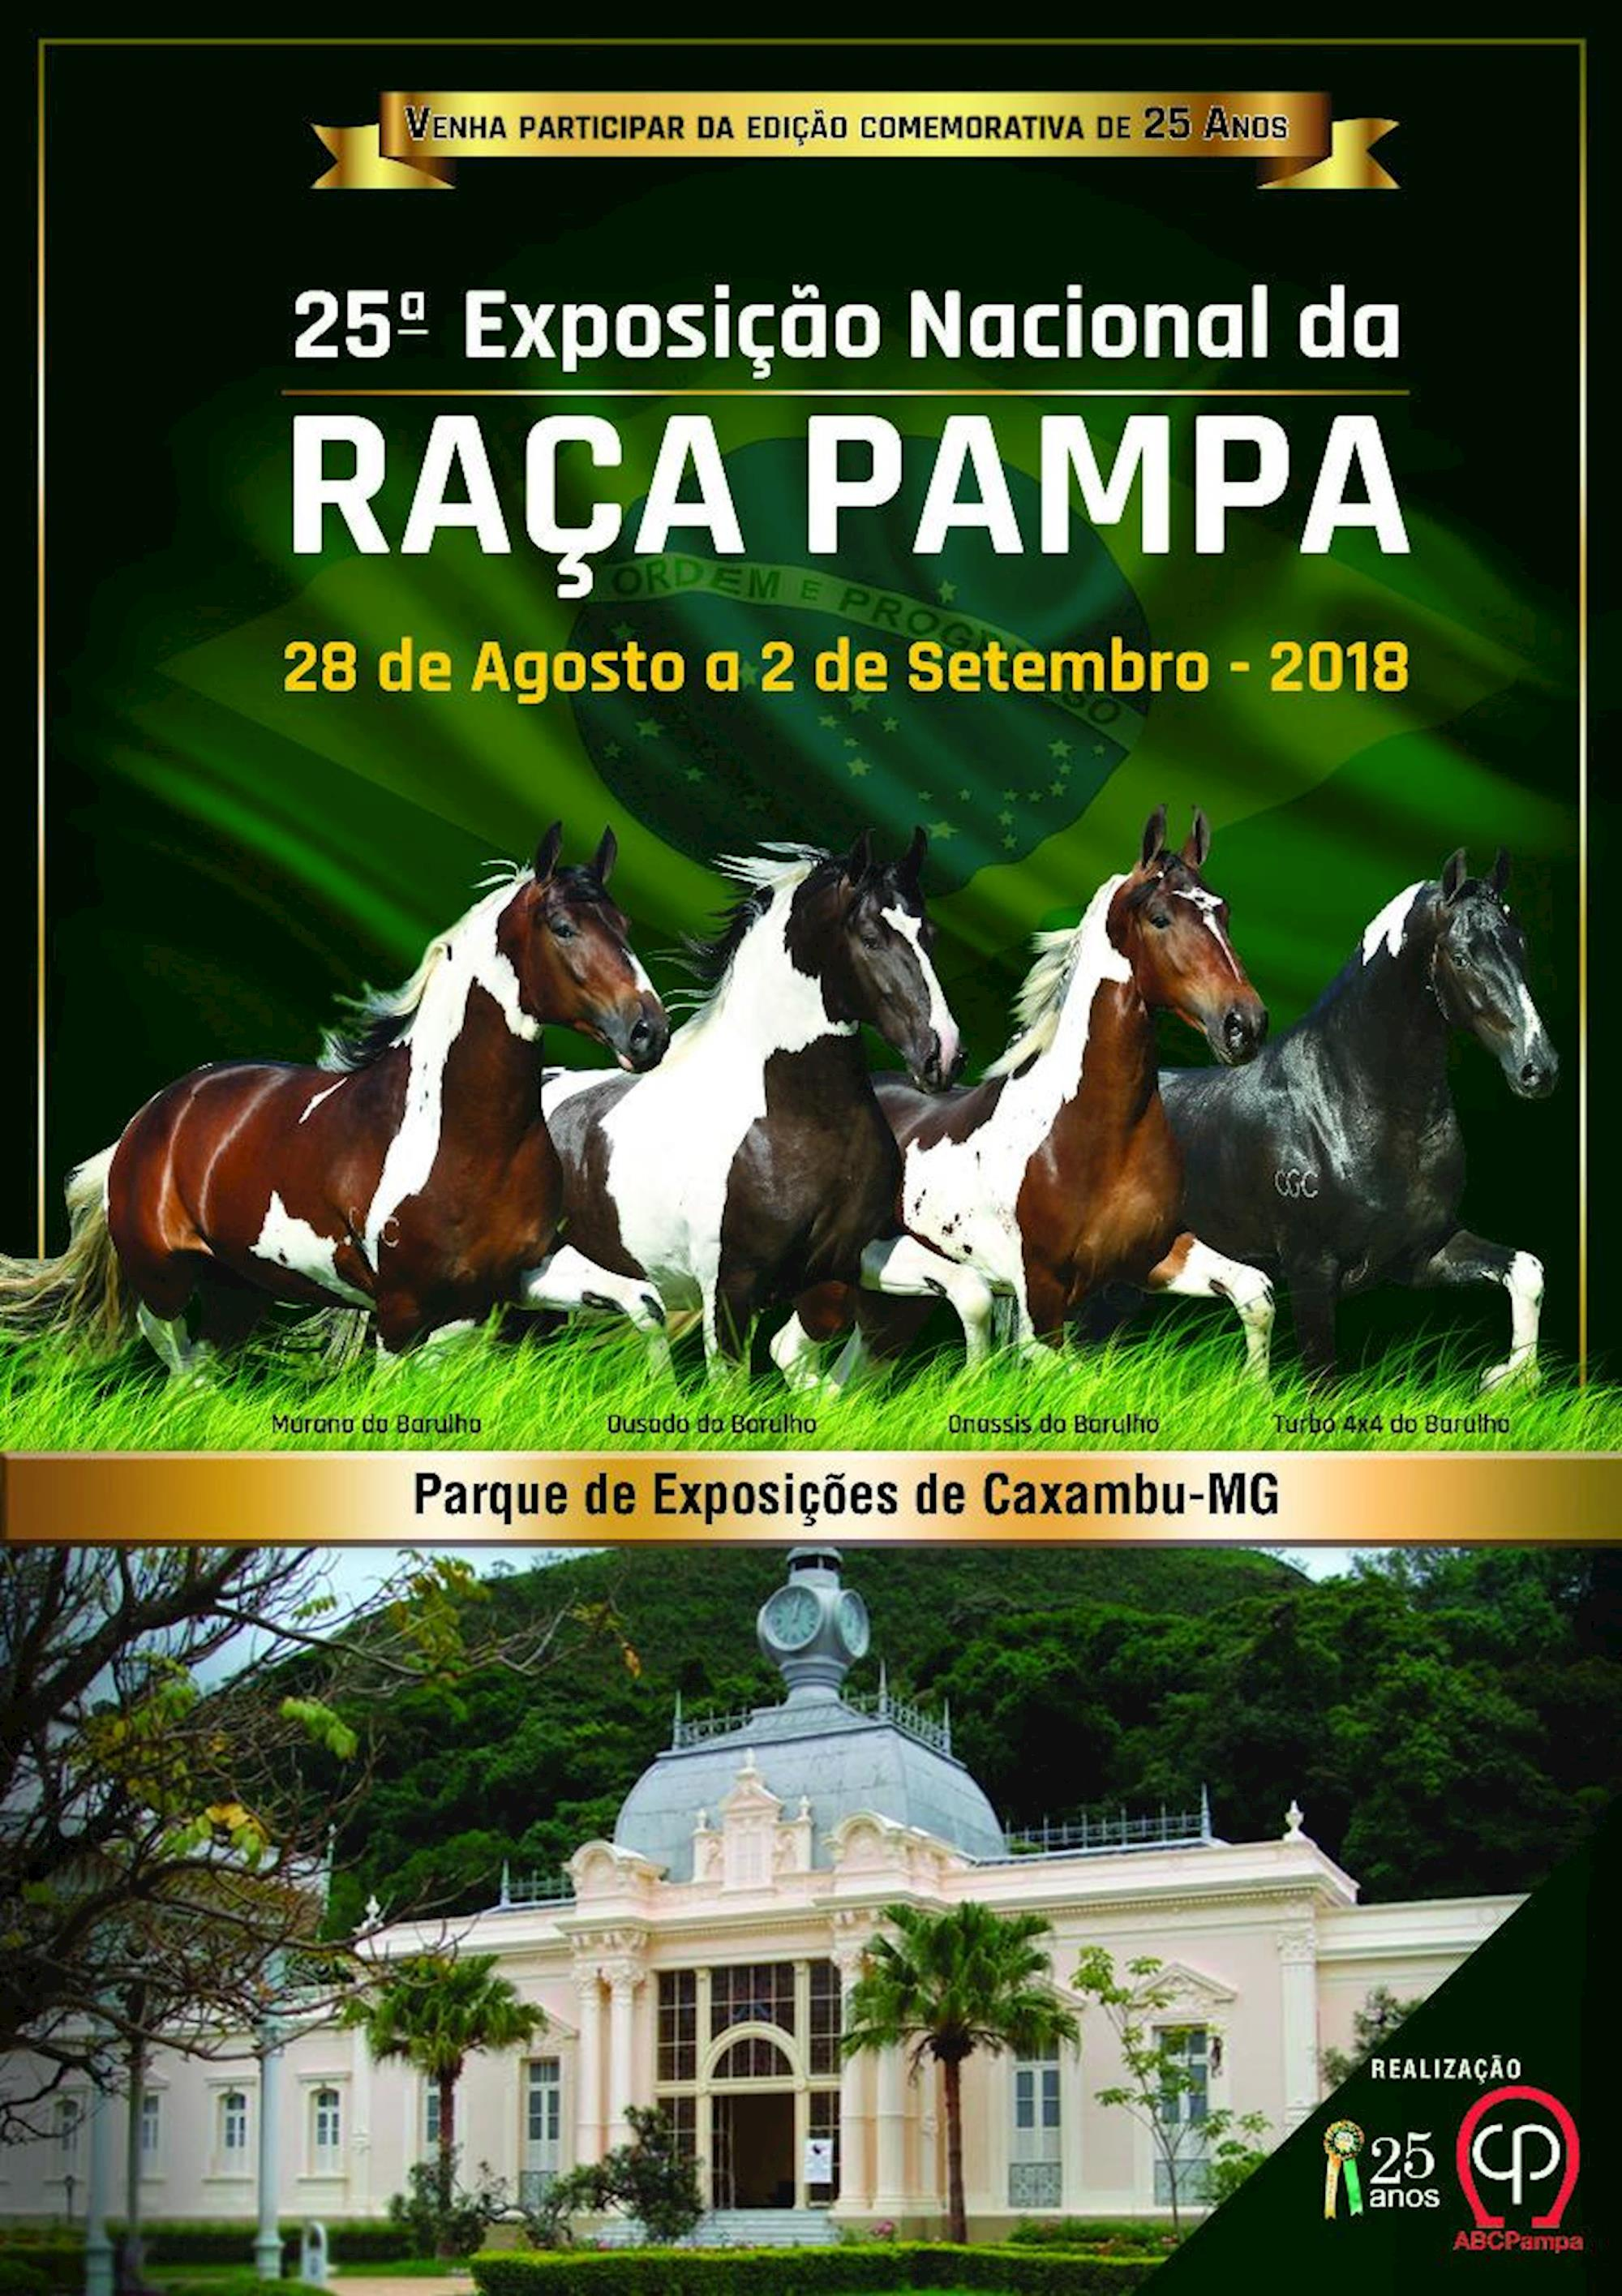 pampa, exposição, ABCCPampa, Nacional, Caxambu,